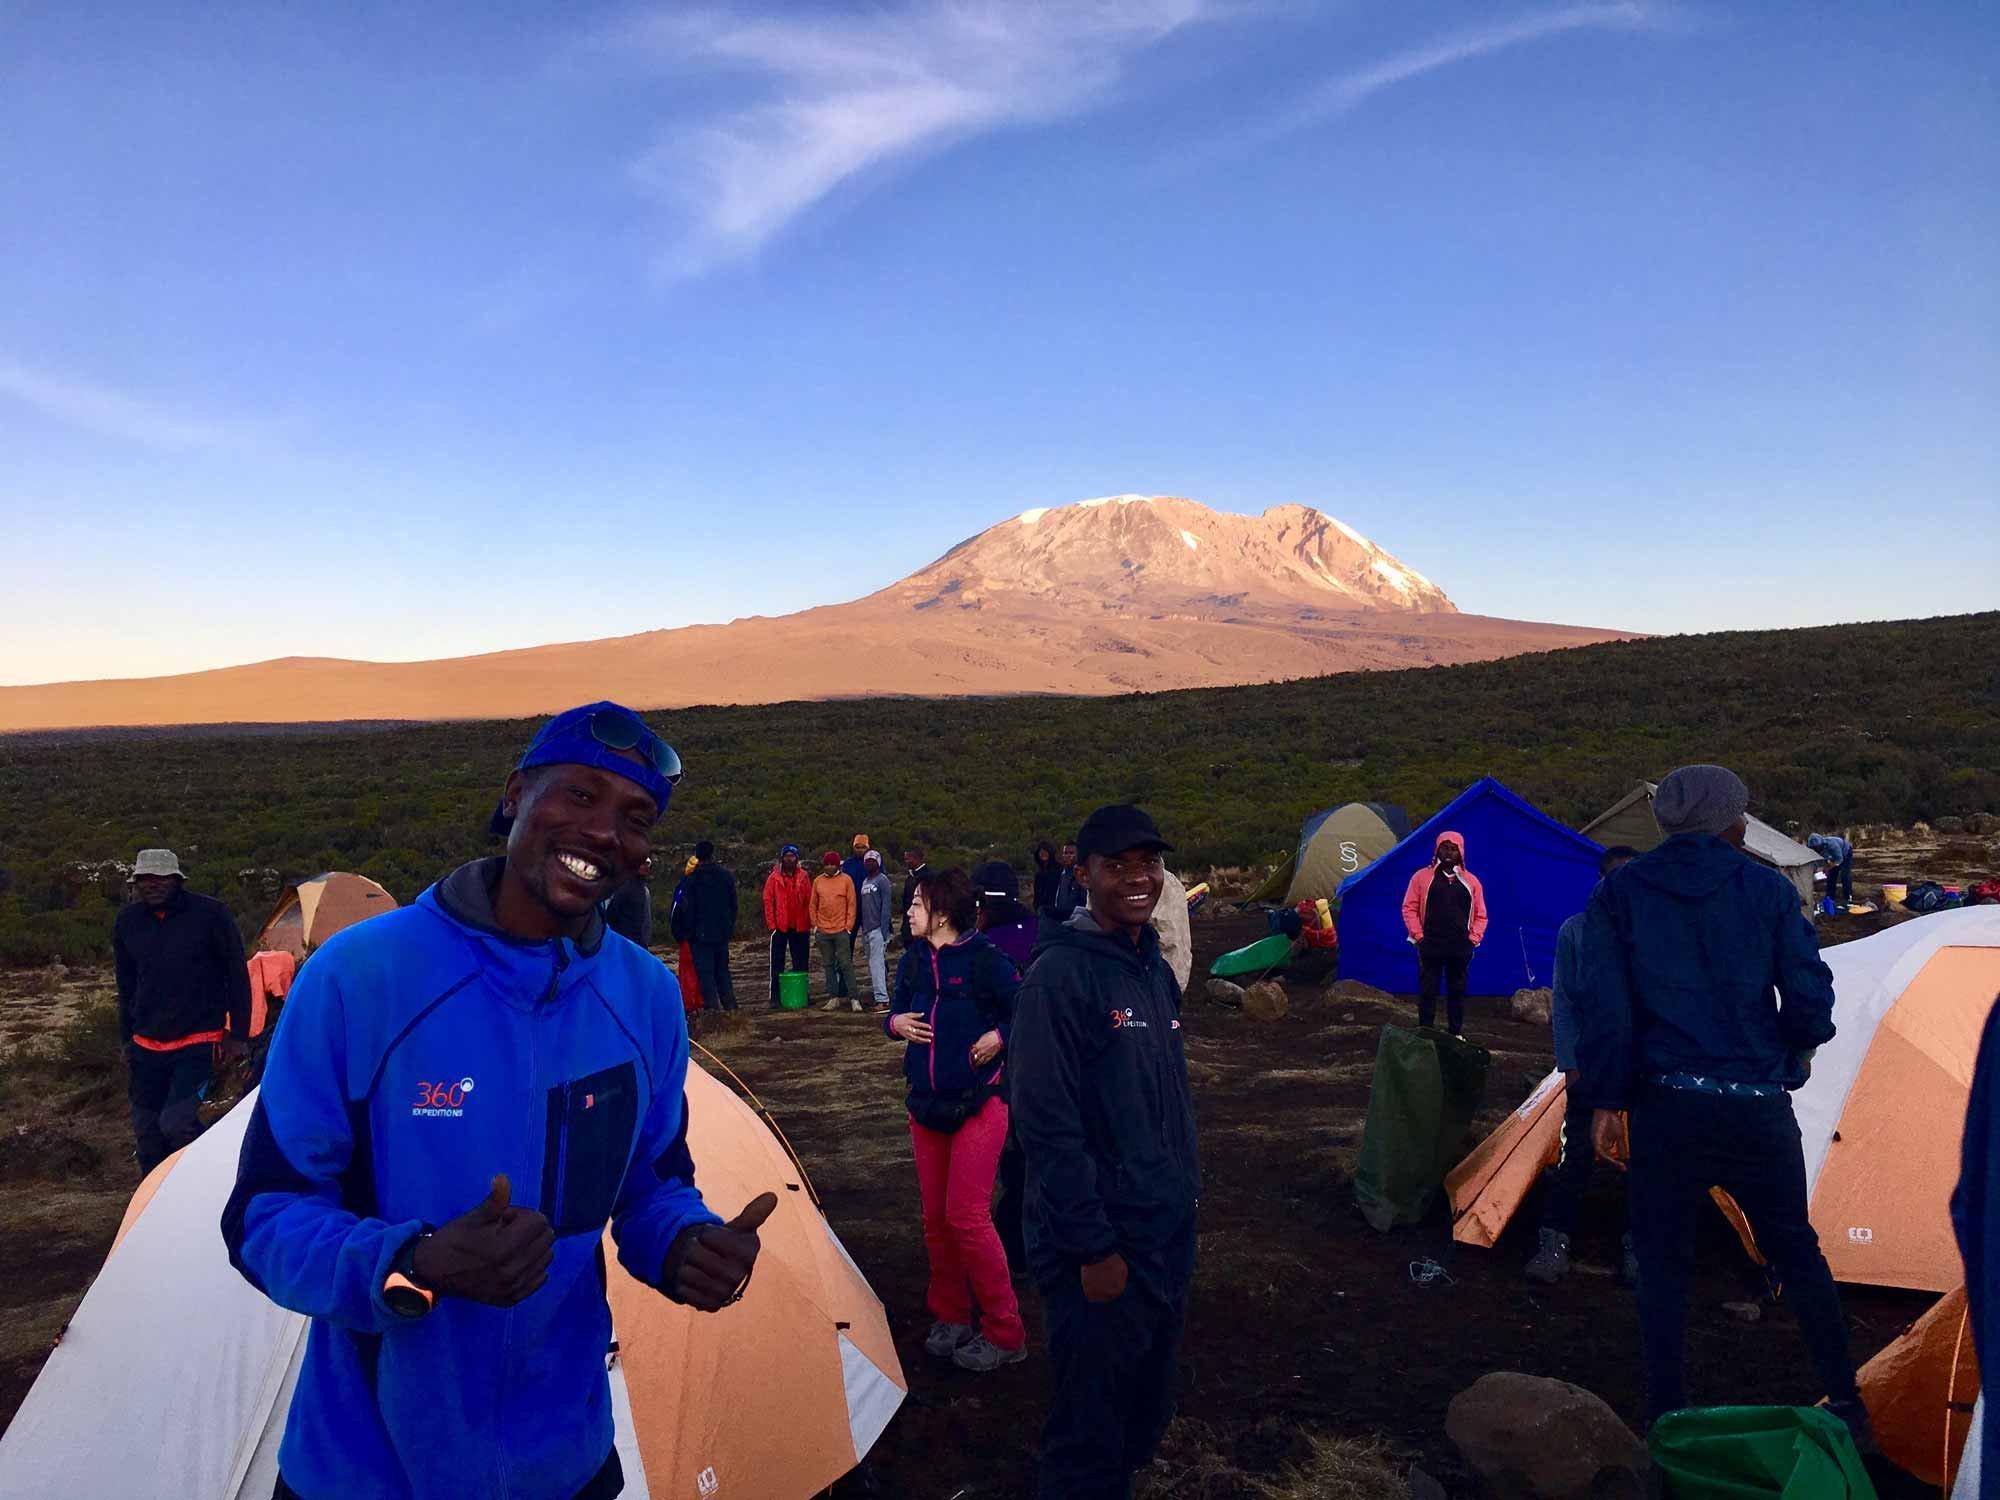 Camp at Mount Kilimanjaro